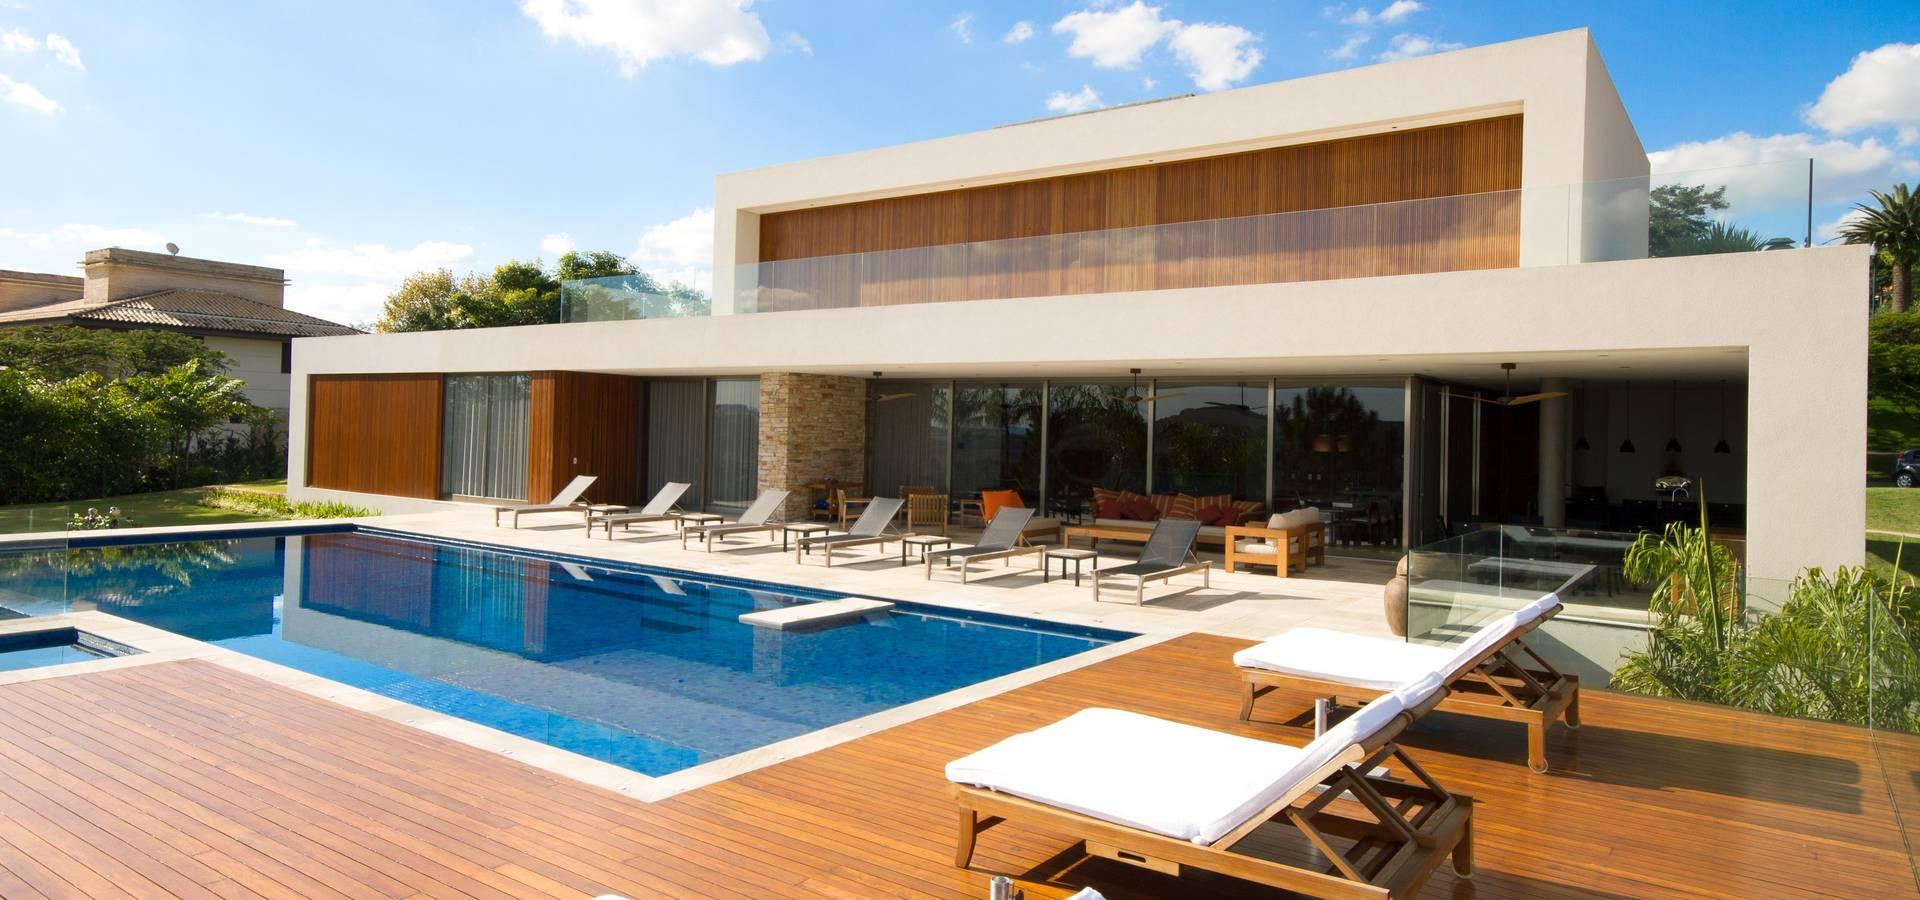 Mario Moreno Arquitetura e Design